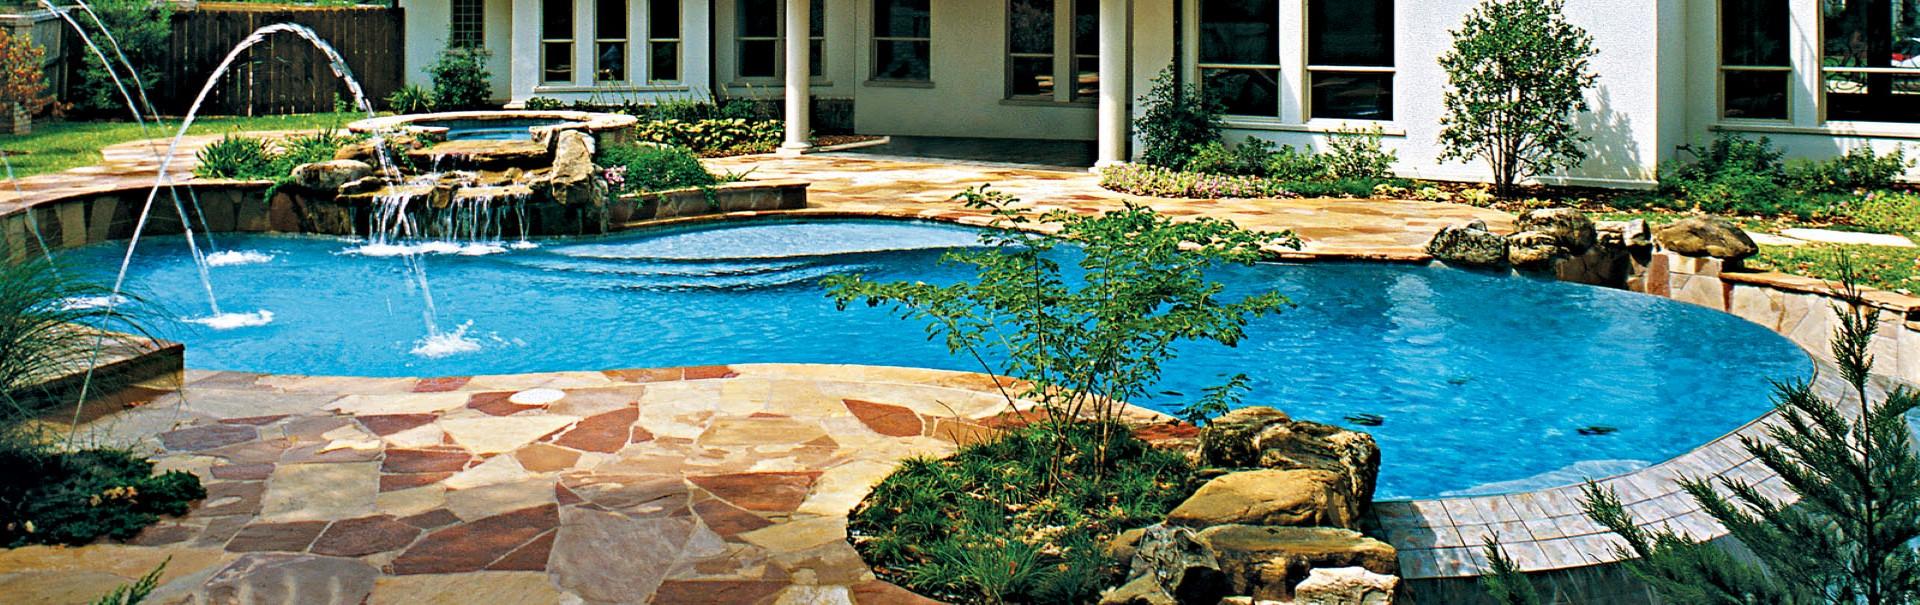 tyler-inground-pool3